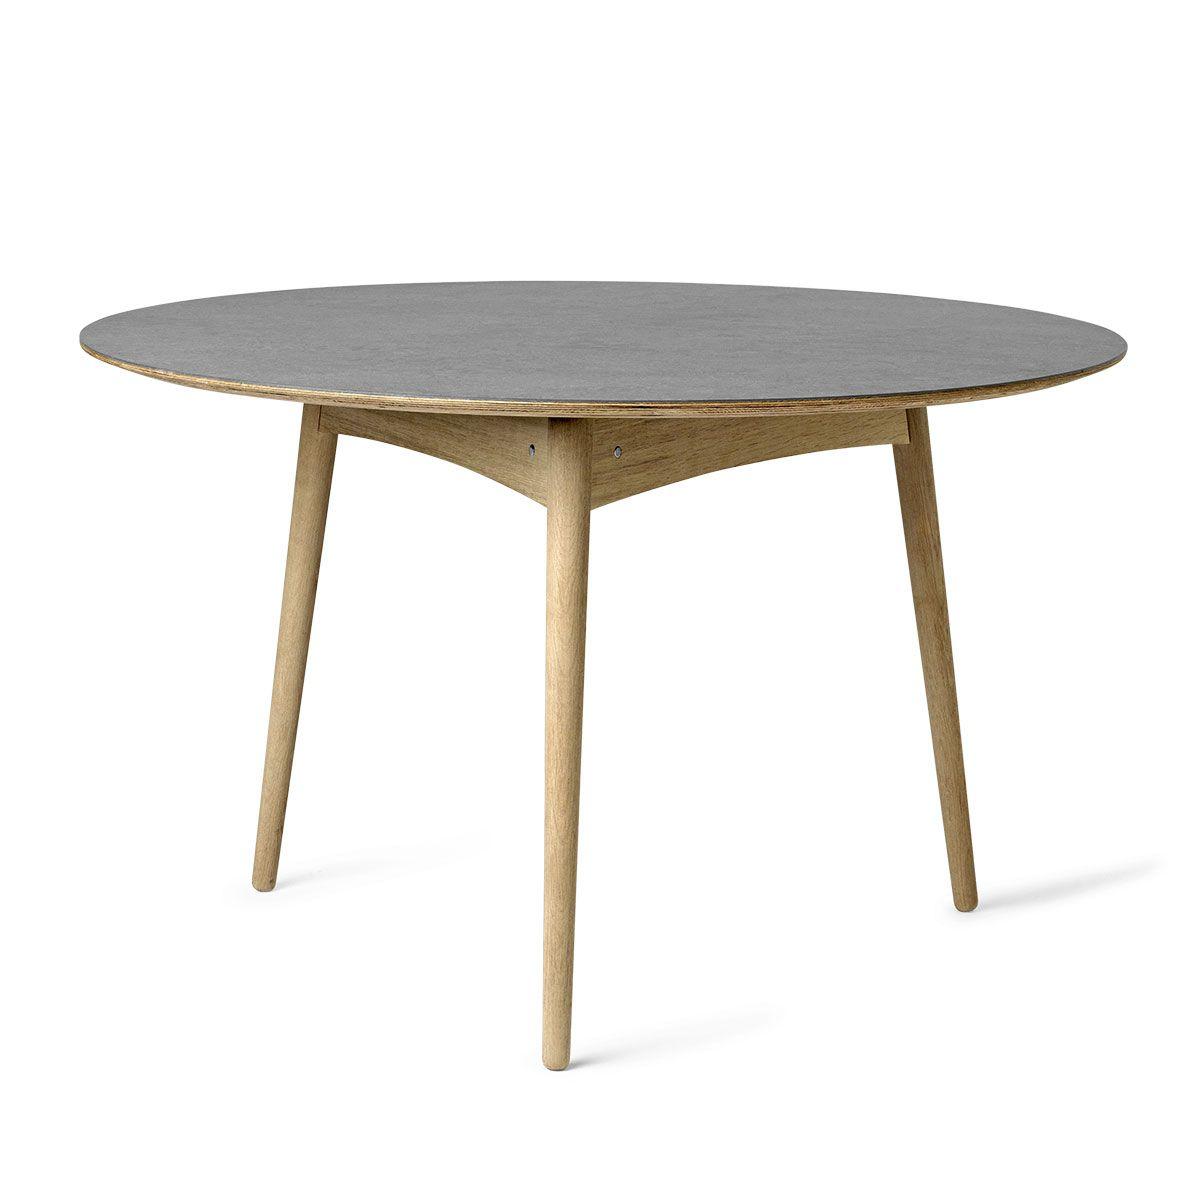 Mater Tisch rund Grey Linolium   Küchentisch   Pinterest   Round ...